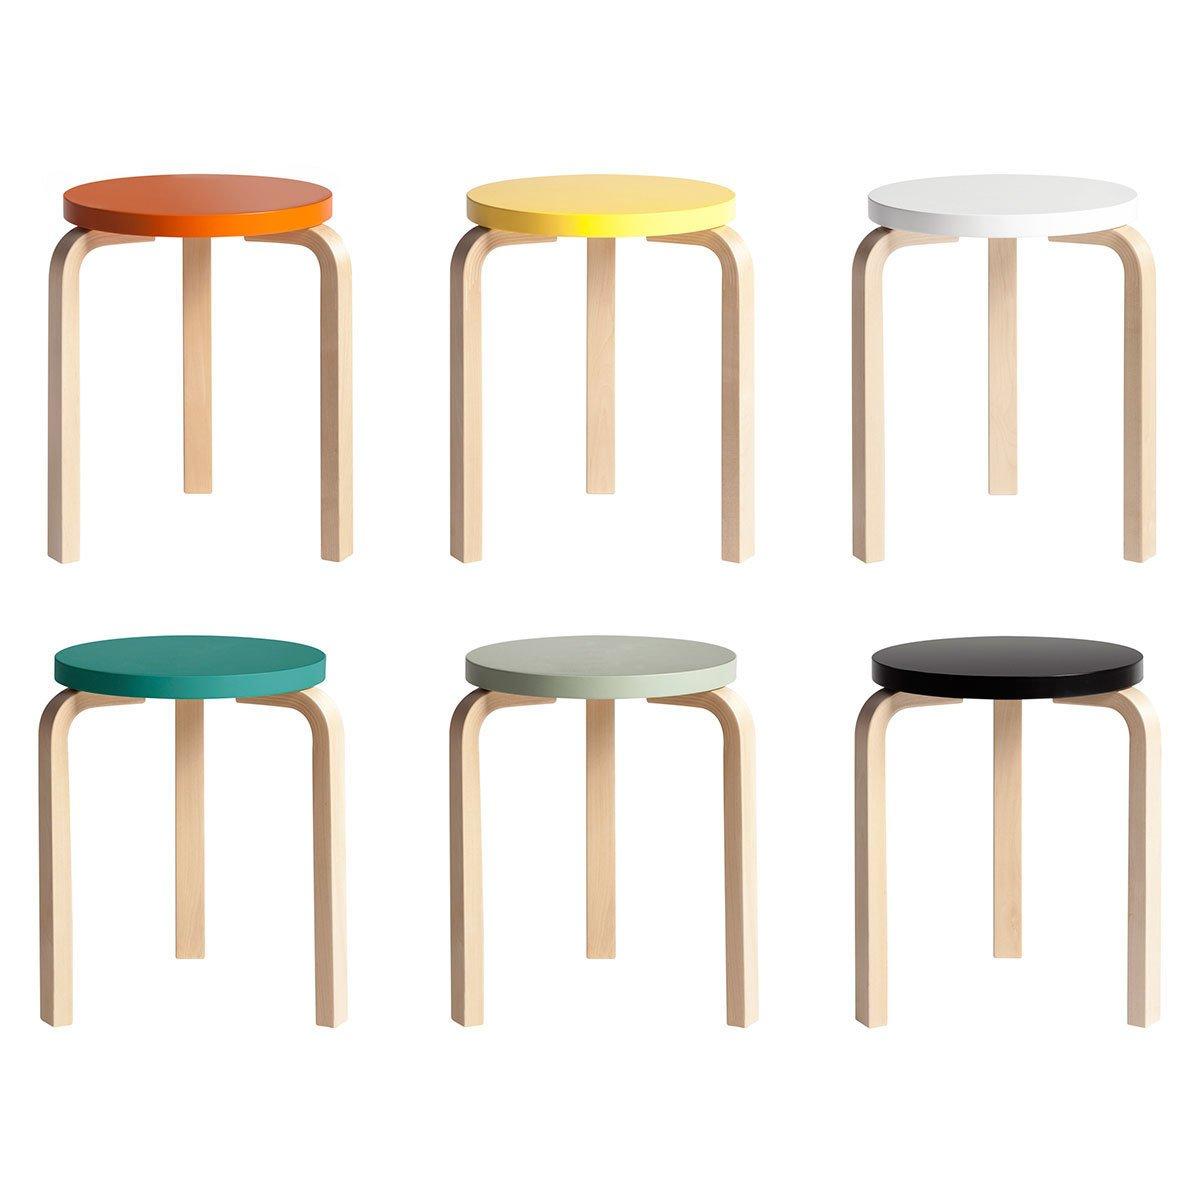 Photo 1 Of 5 In Design Classic Alvar Aalto S Artek Stools